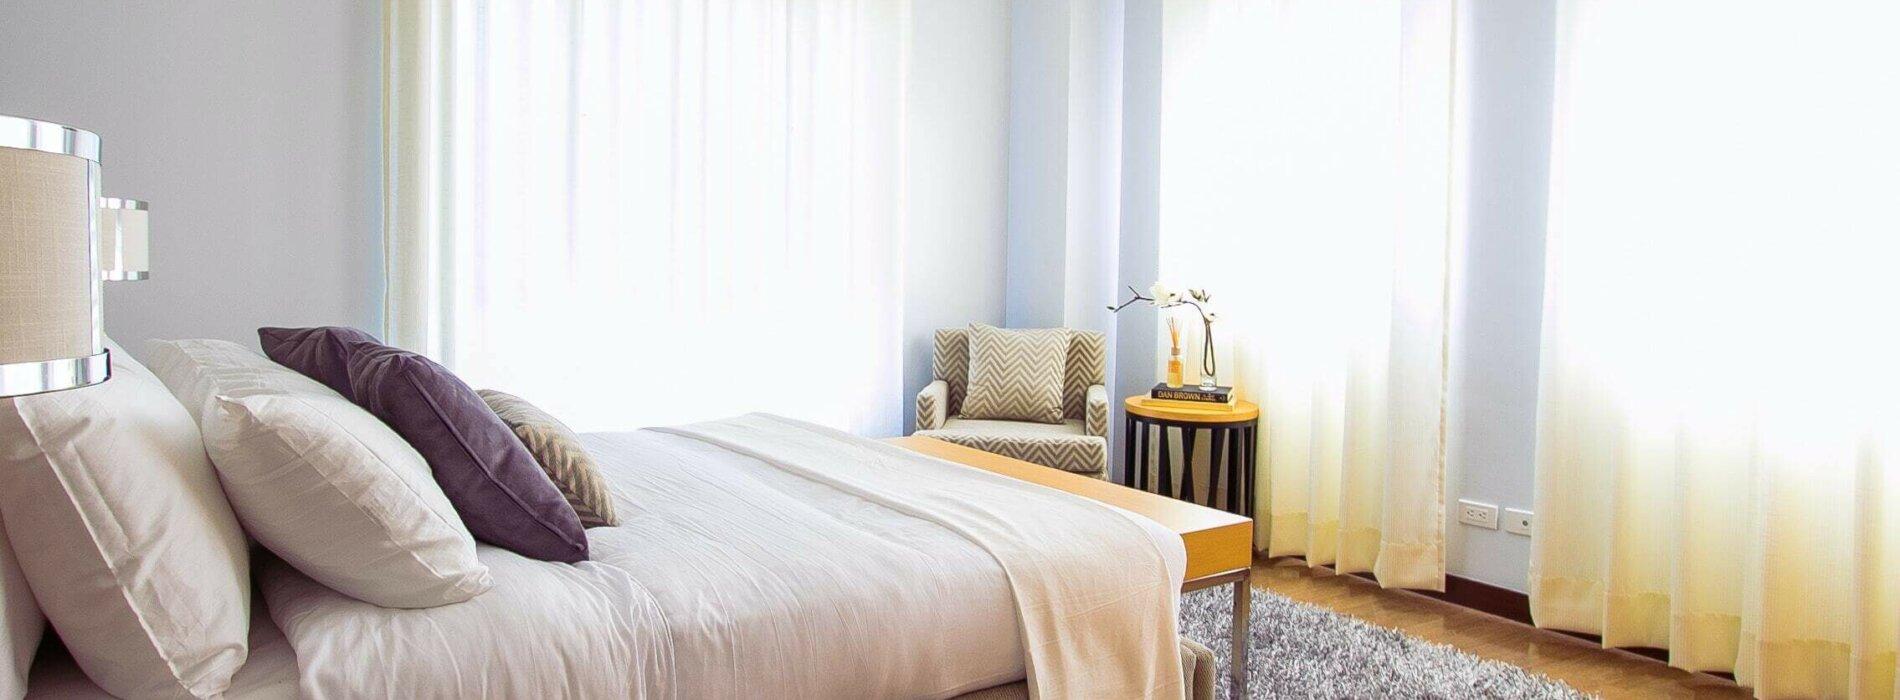 Jak stworzyć sypialnię, która będzie wygodna?